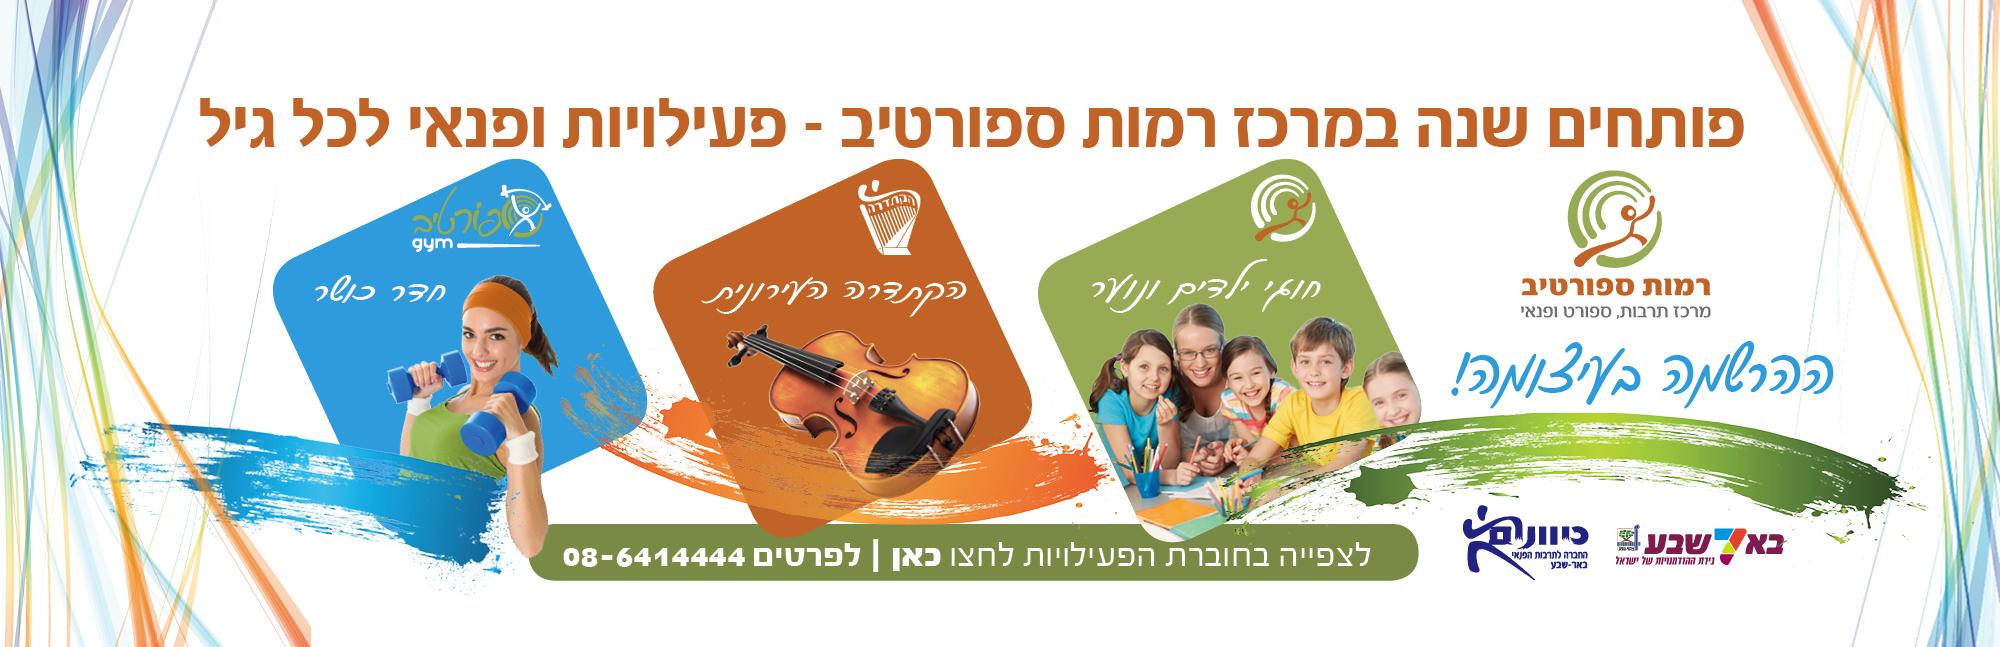 חוגים ופעילויות לקהל הבוגר, לנוער ולילדים, חדר כושר מתקדם ועוד!